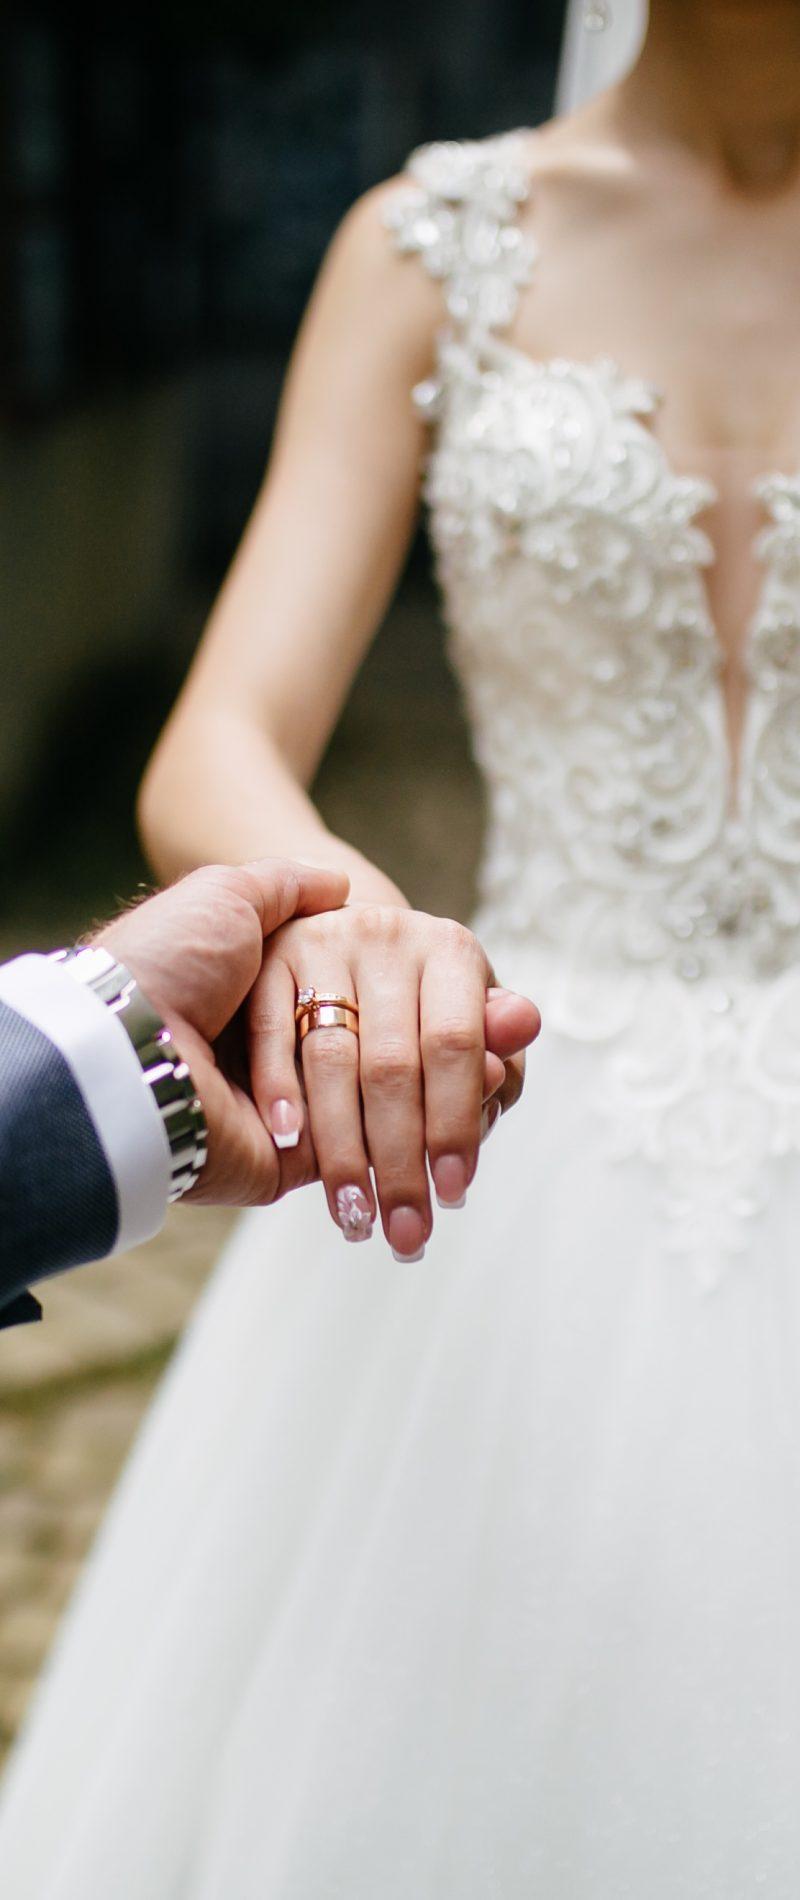 wedding bouquet in bride's hands